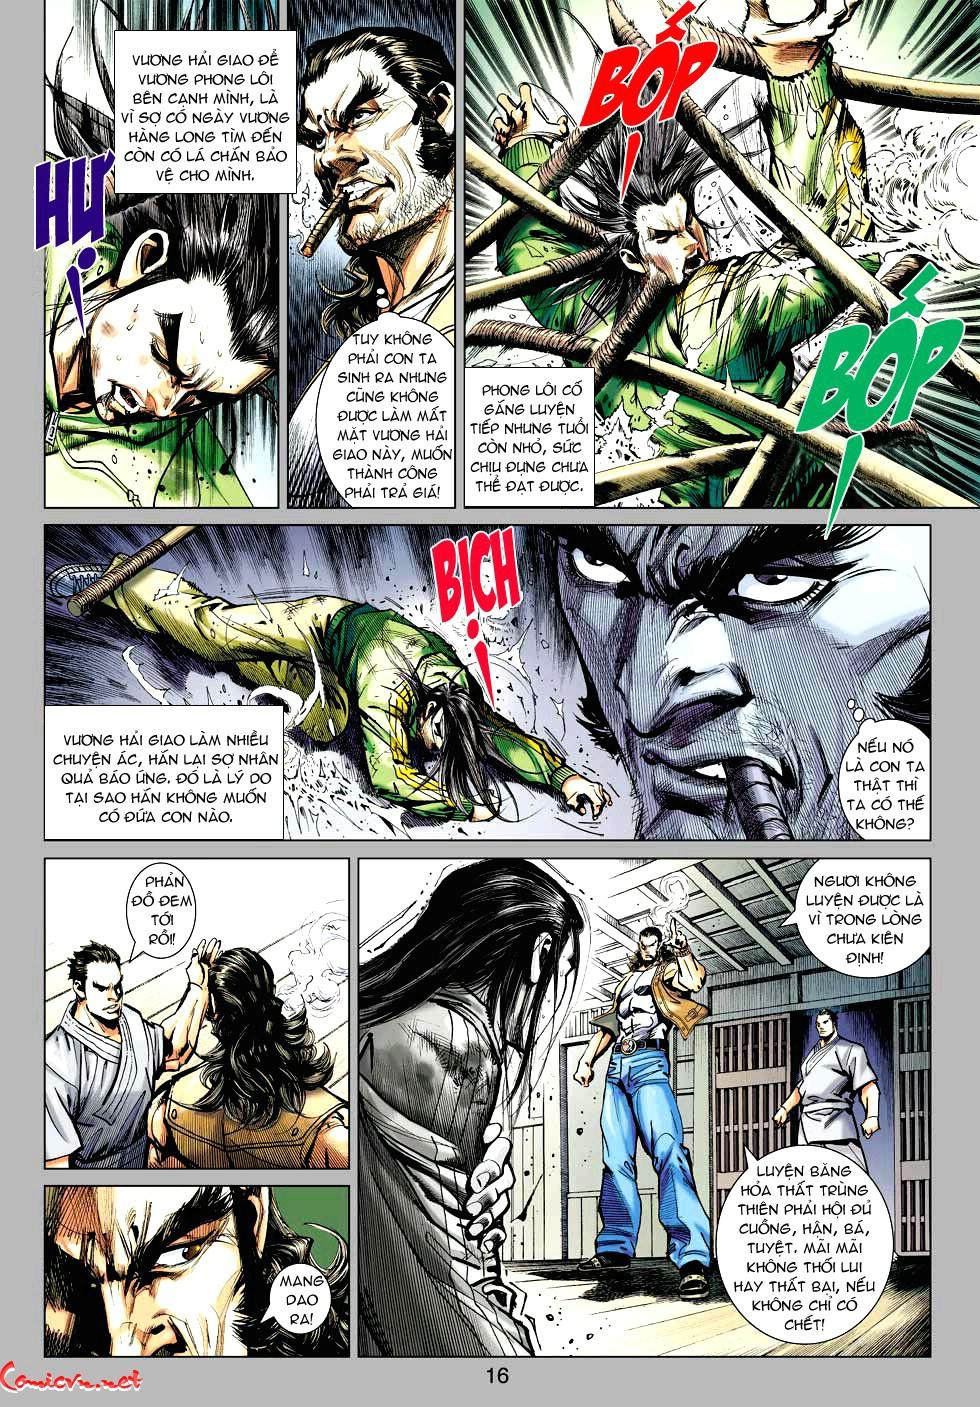 Vương Phong Lôi 1 chap 34 - Trang 16